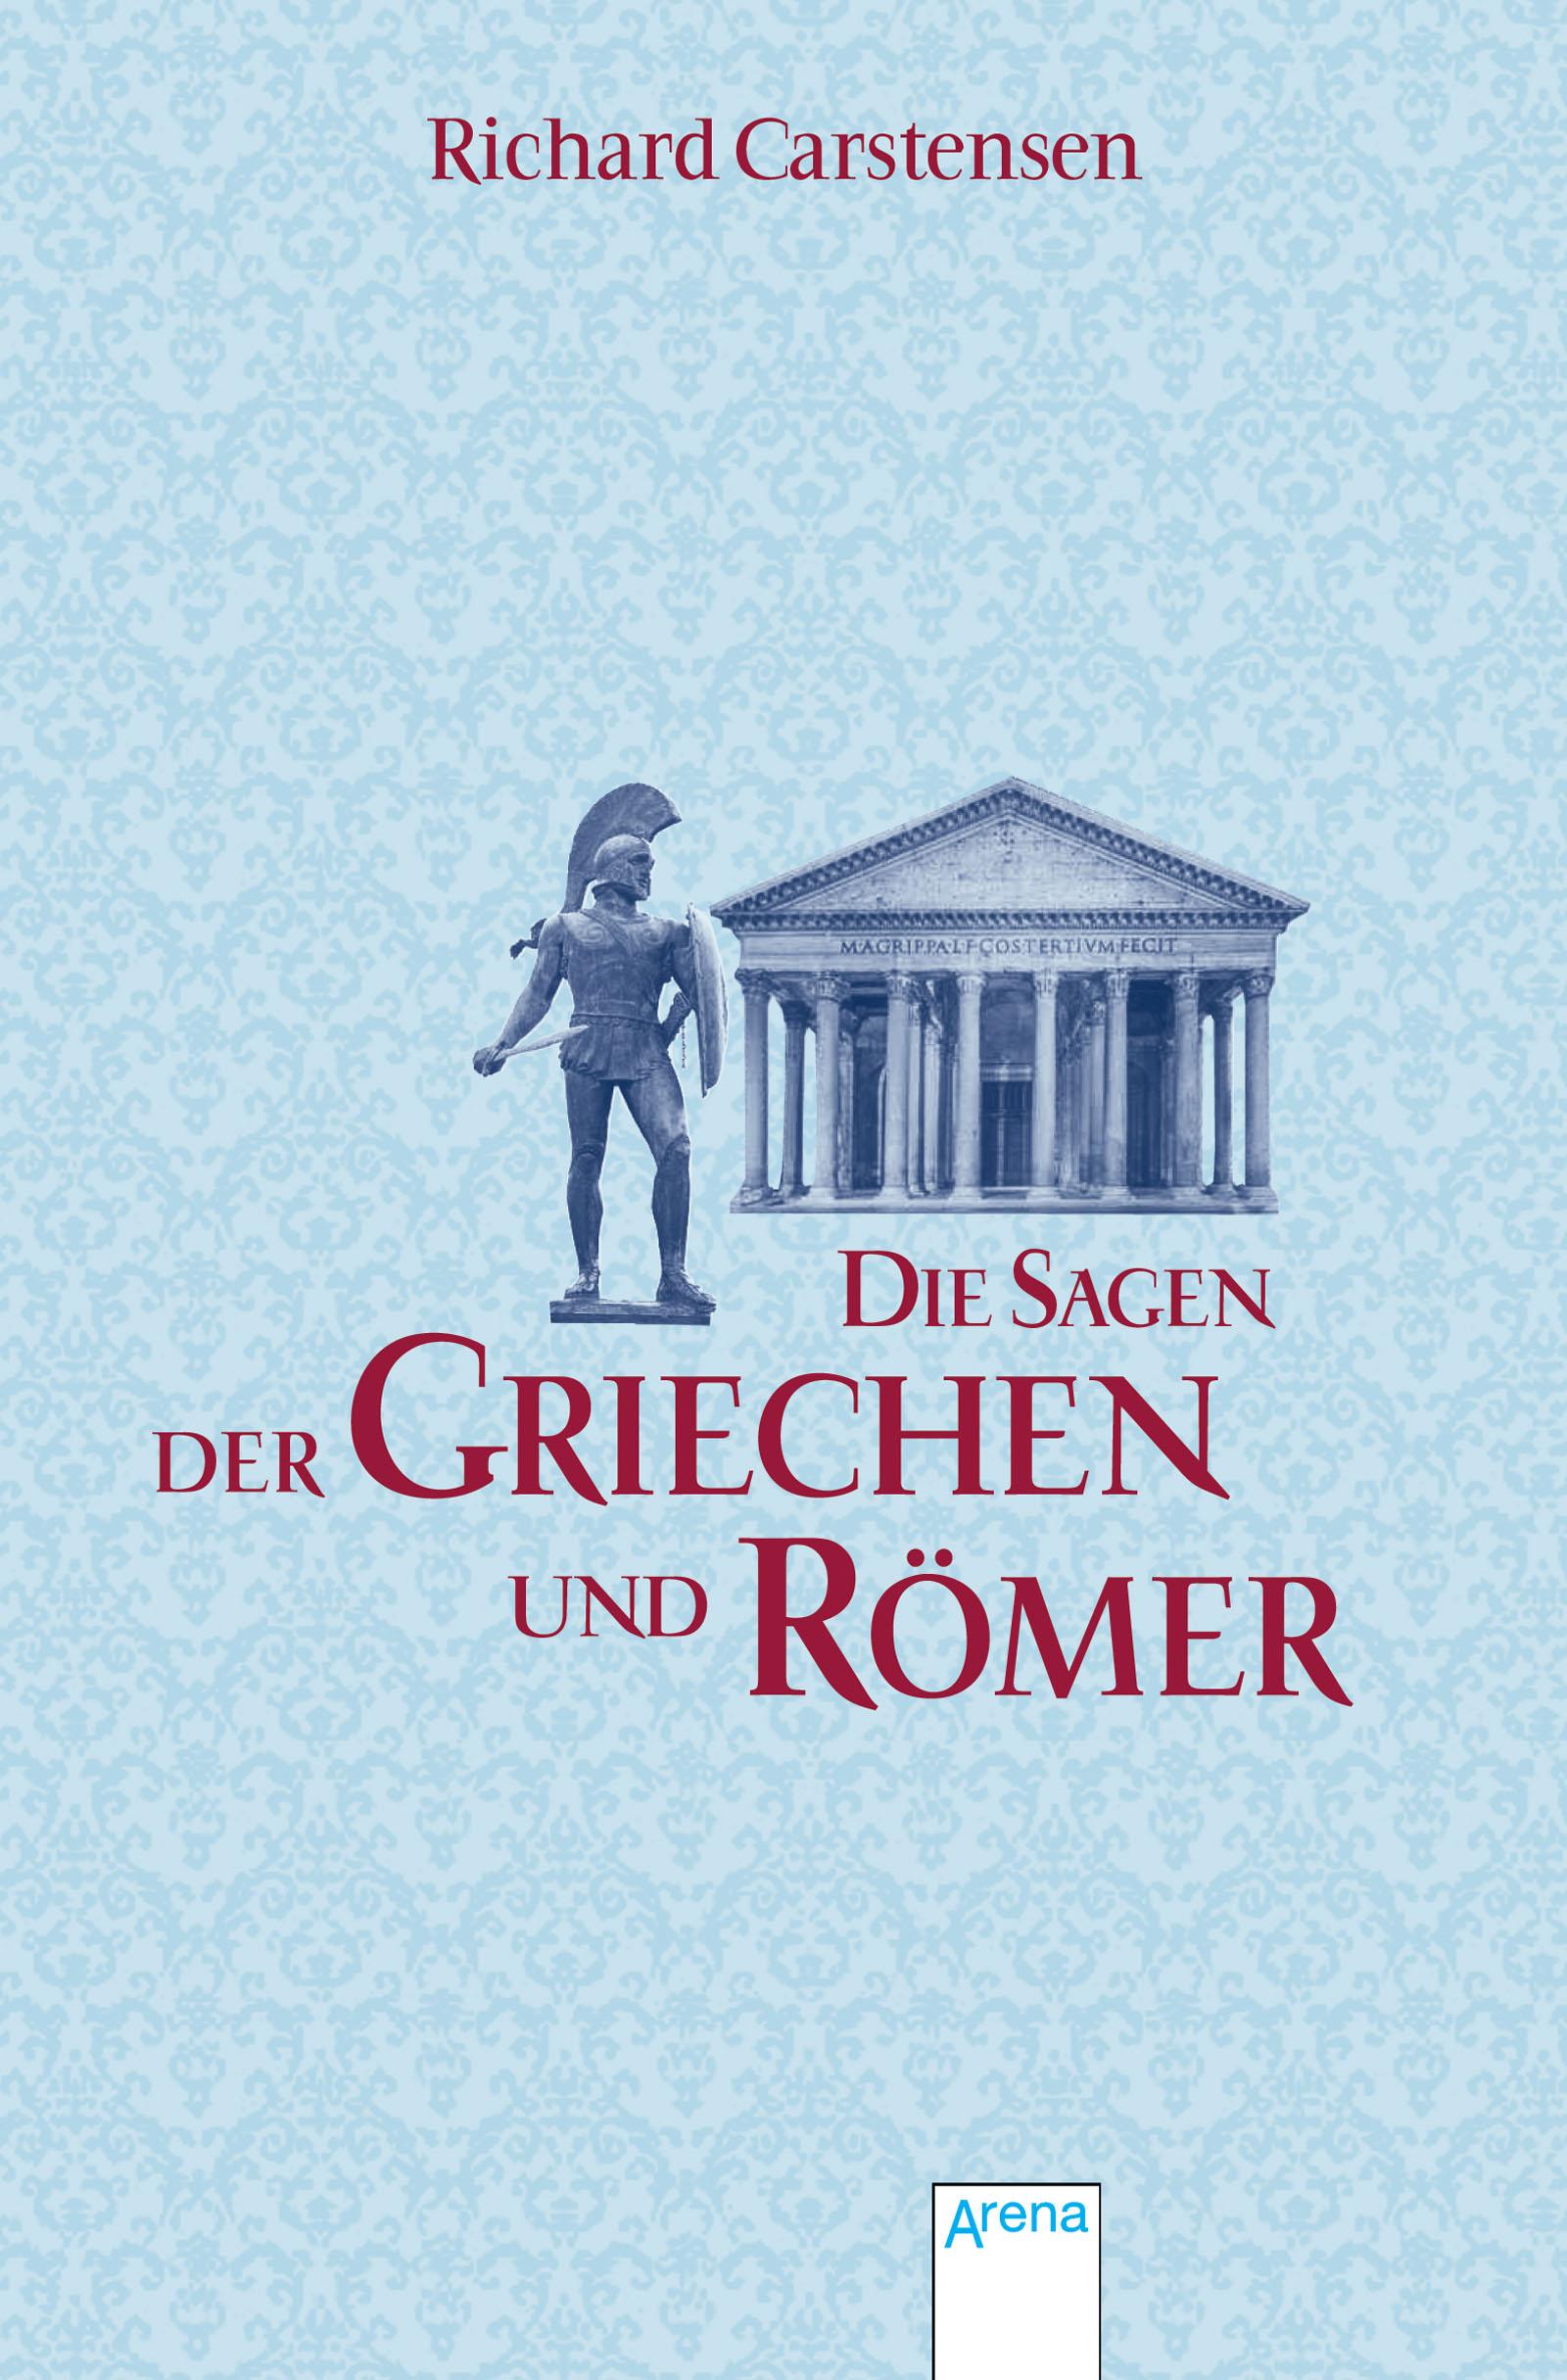 Die Sagen Der Griechen Und Römer Arena Verlag